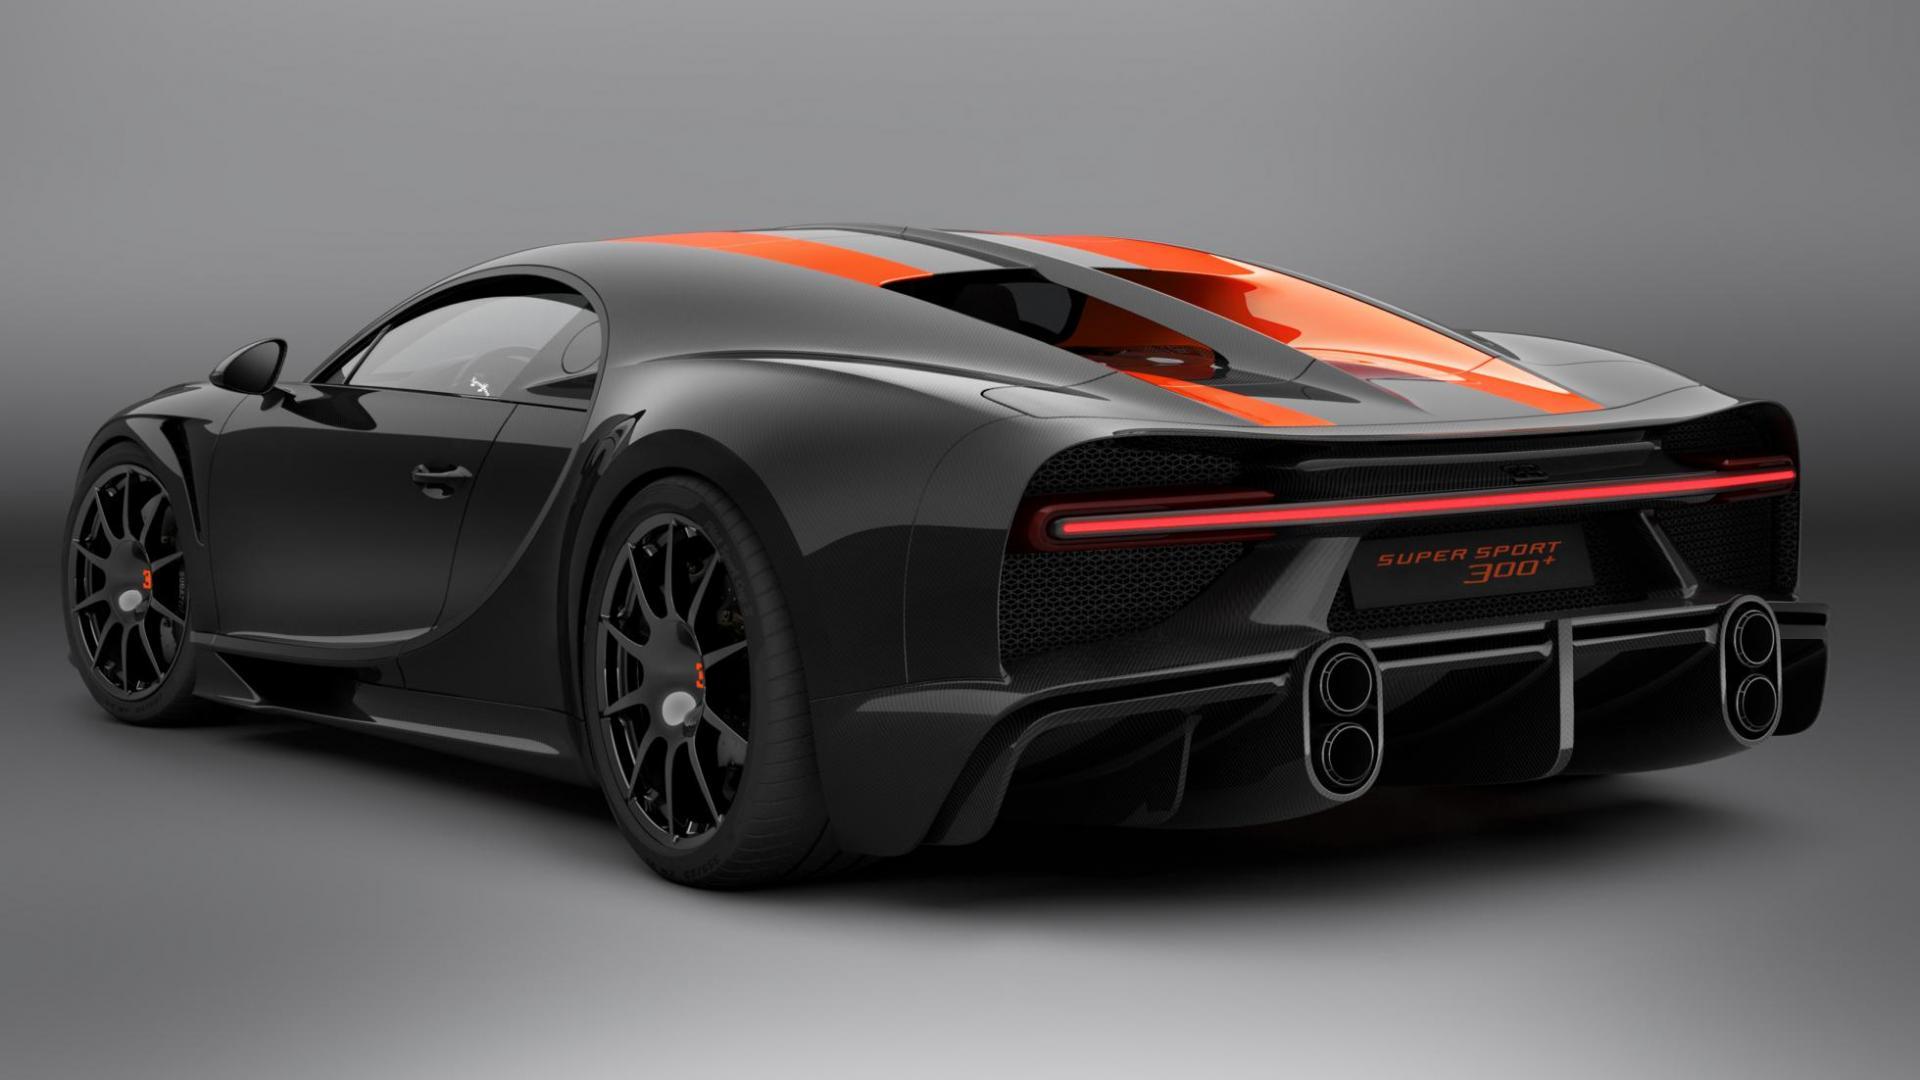 Bugatti Chiron Super Sport 300